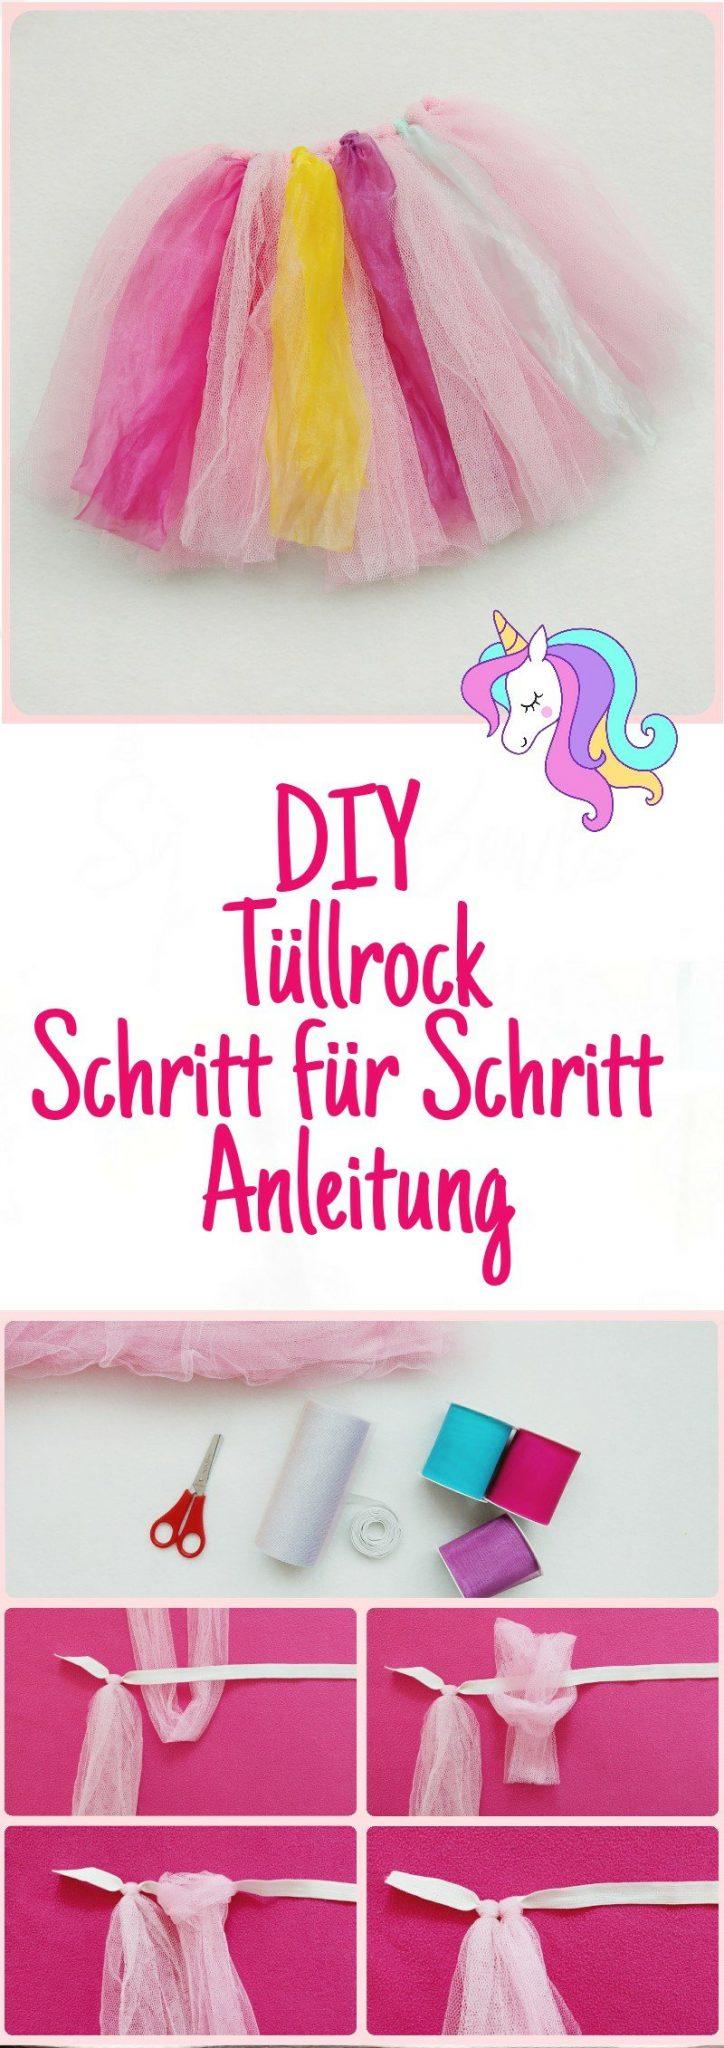 DIY Tüllrock selber machen mit Schritt für Schritt Anleitung, zweiter Teil aus der Serie Einhorn Kostüm für Kinder selber machen